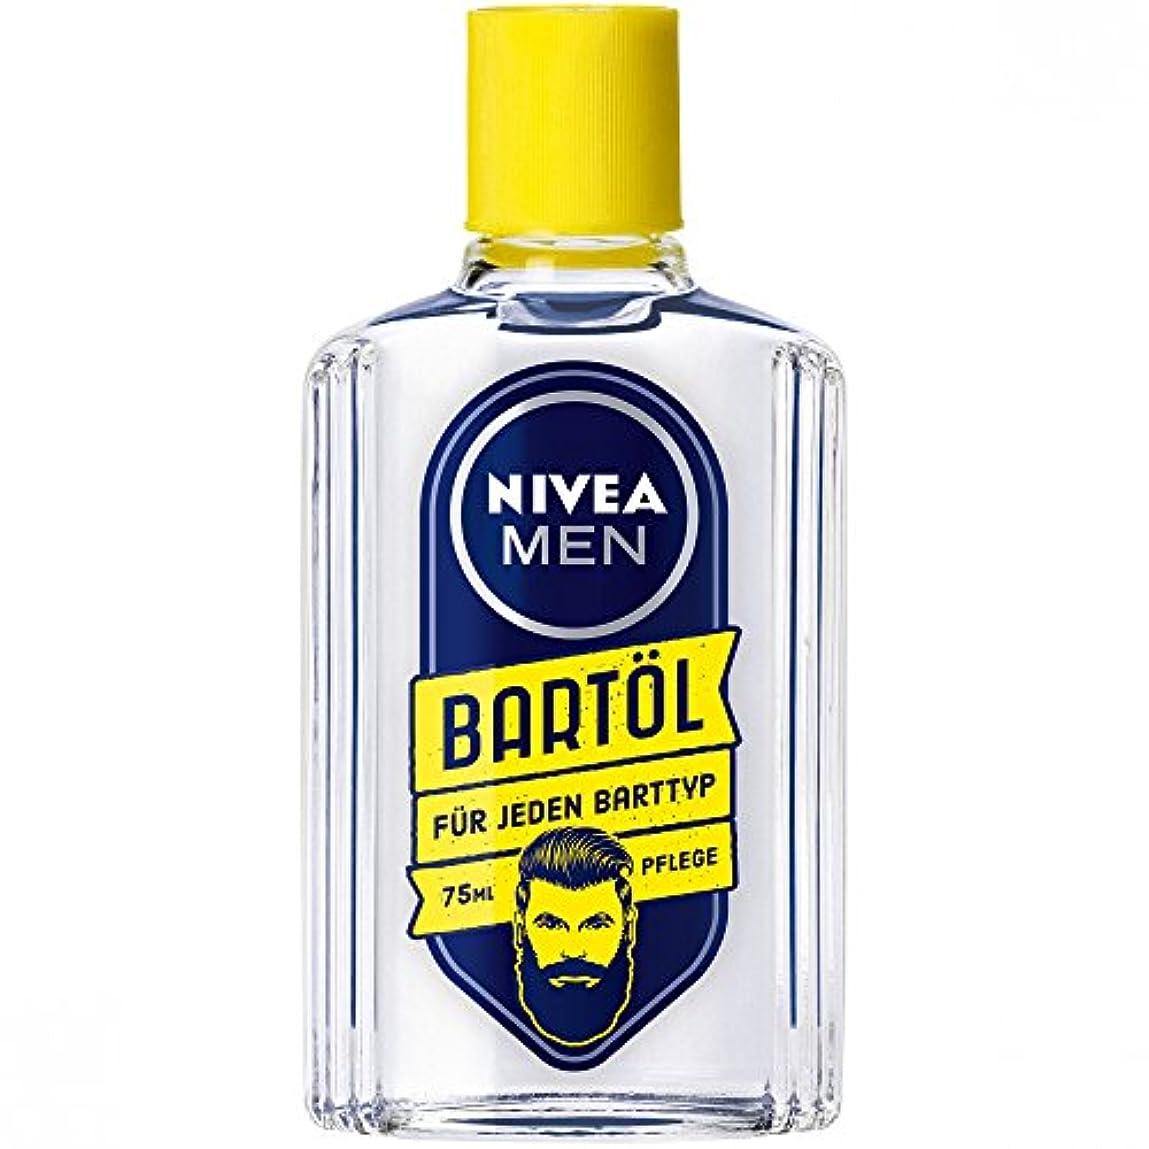 クランプ民兵不適切なニベアメン Beard Oil ひげの維持のための油 75ml (1) [並行輸入品]